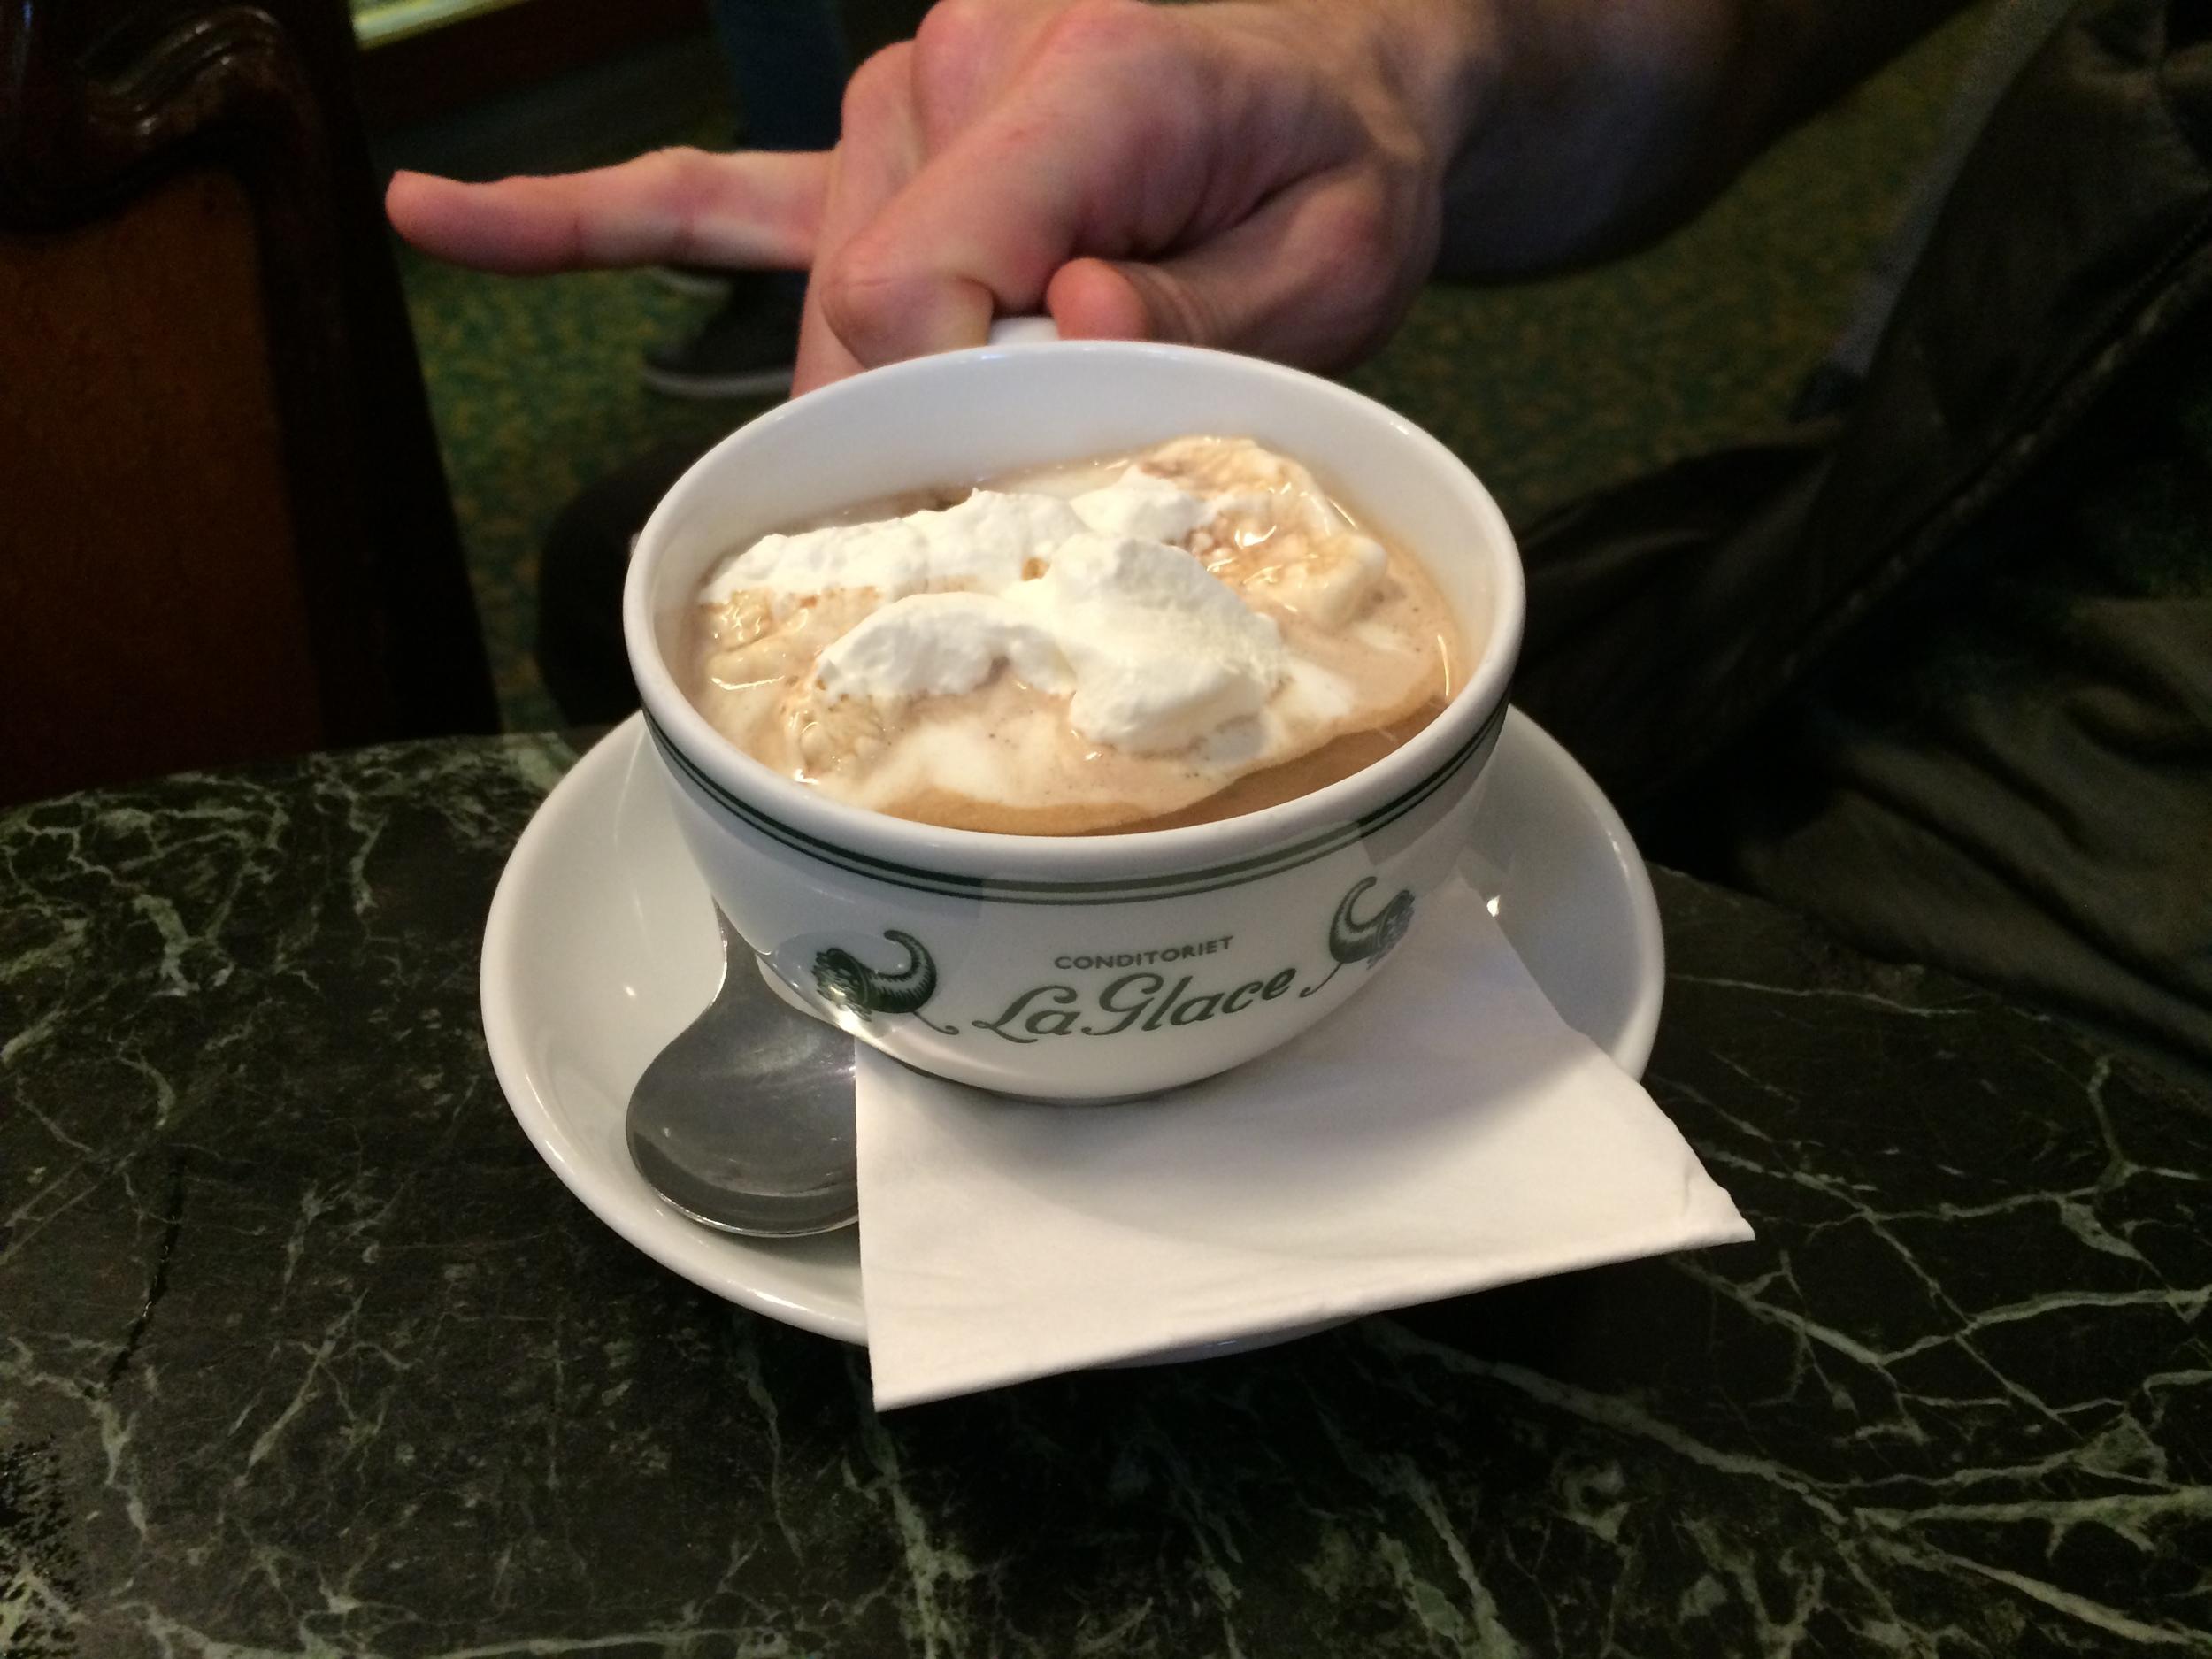 'Civilized' hot chocolate at La Glace in Copenhagen